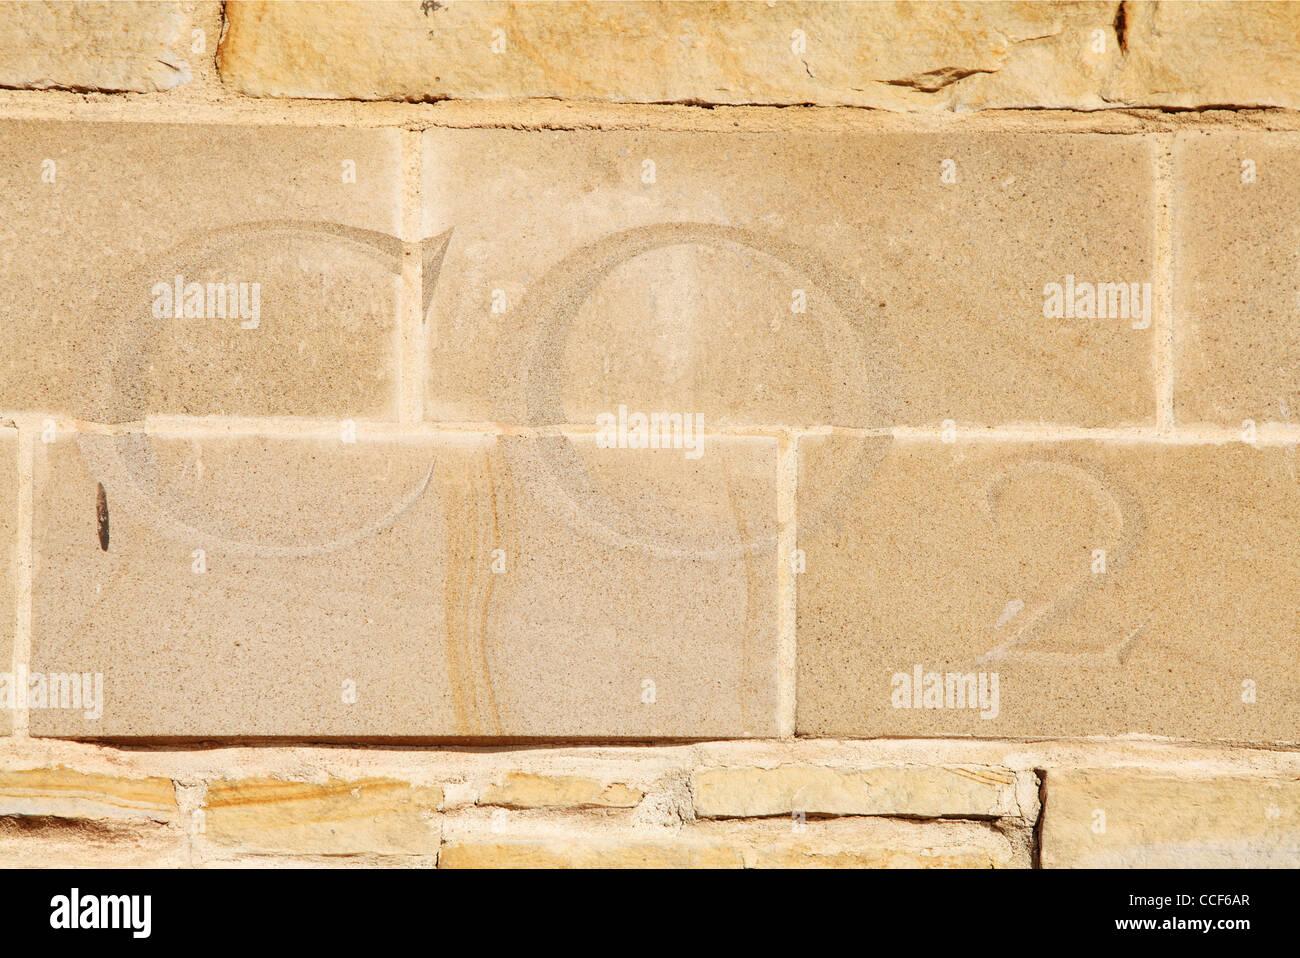 Il biossido di carbonio lettere CO2 scolpiti in pietra antiche fornaci da calce Sunderland North East England Regno Immagini Stock